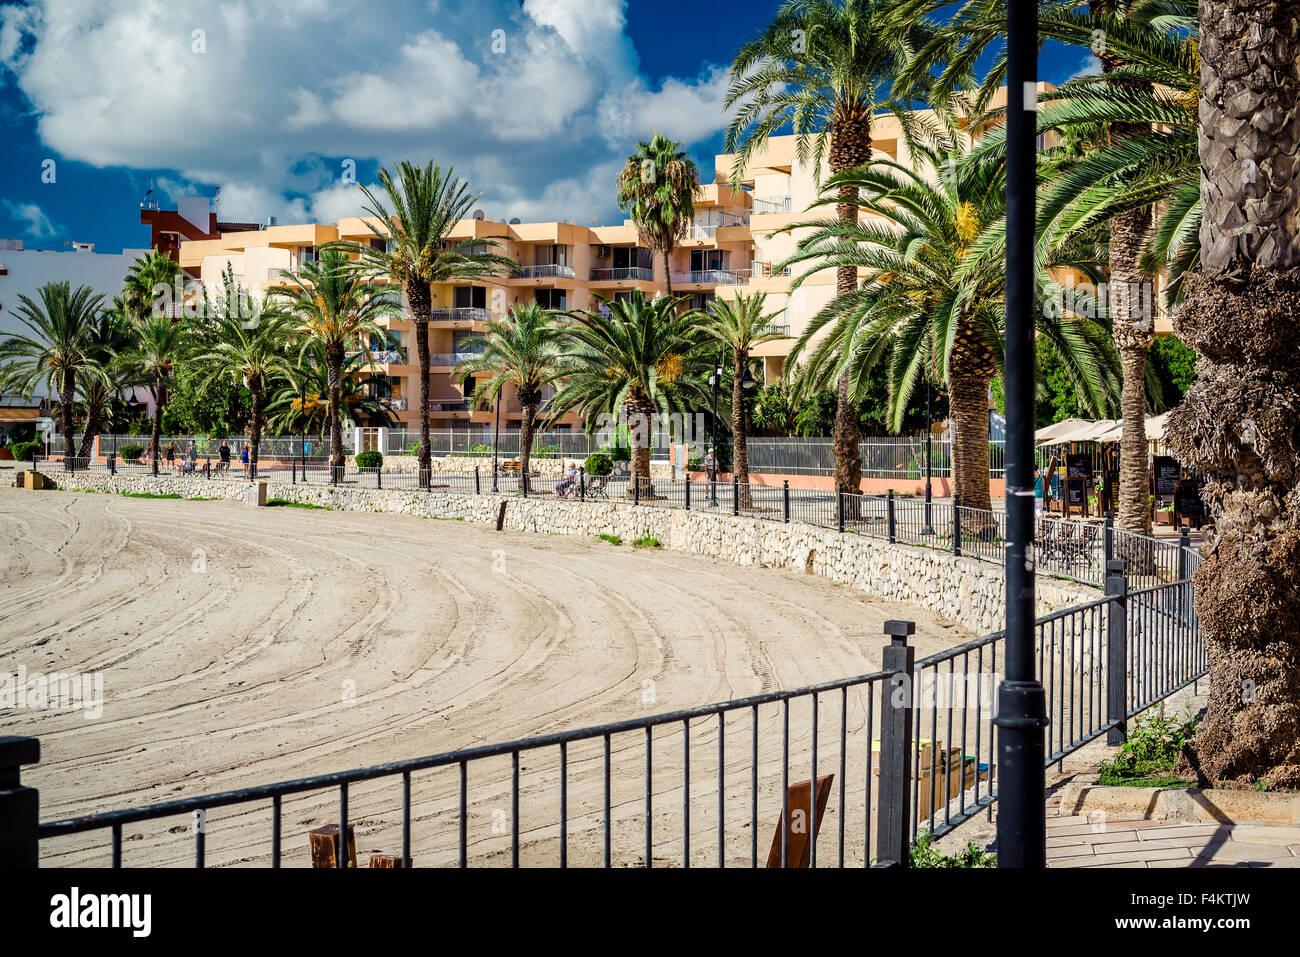 Ibiza seafront. Spain Stock Photo